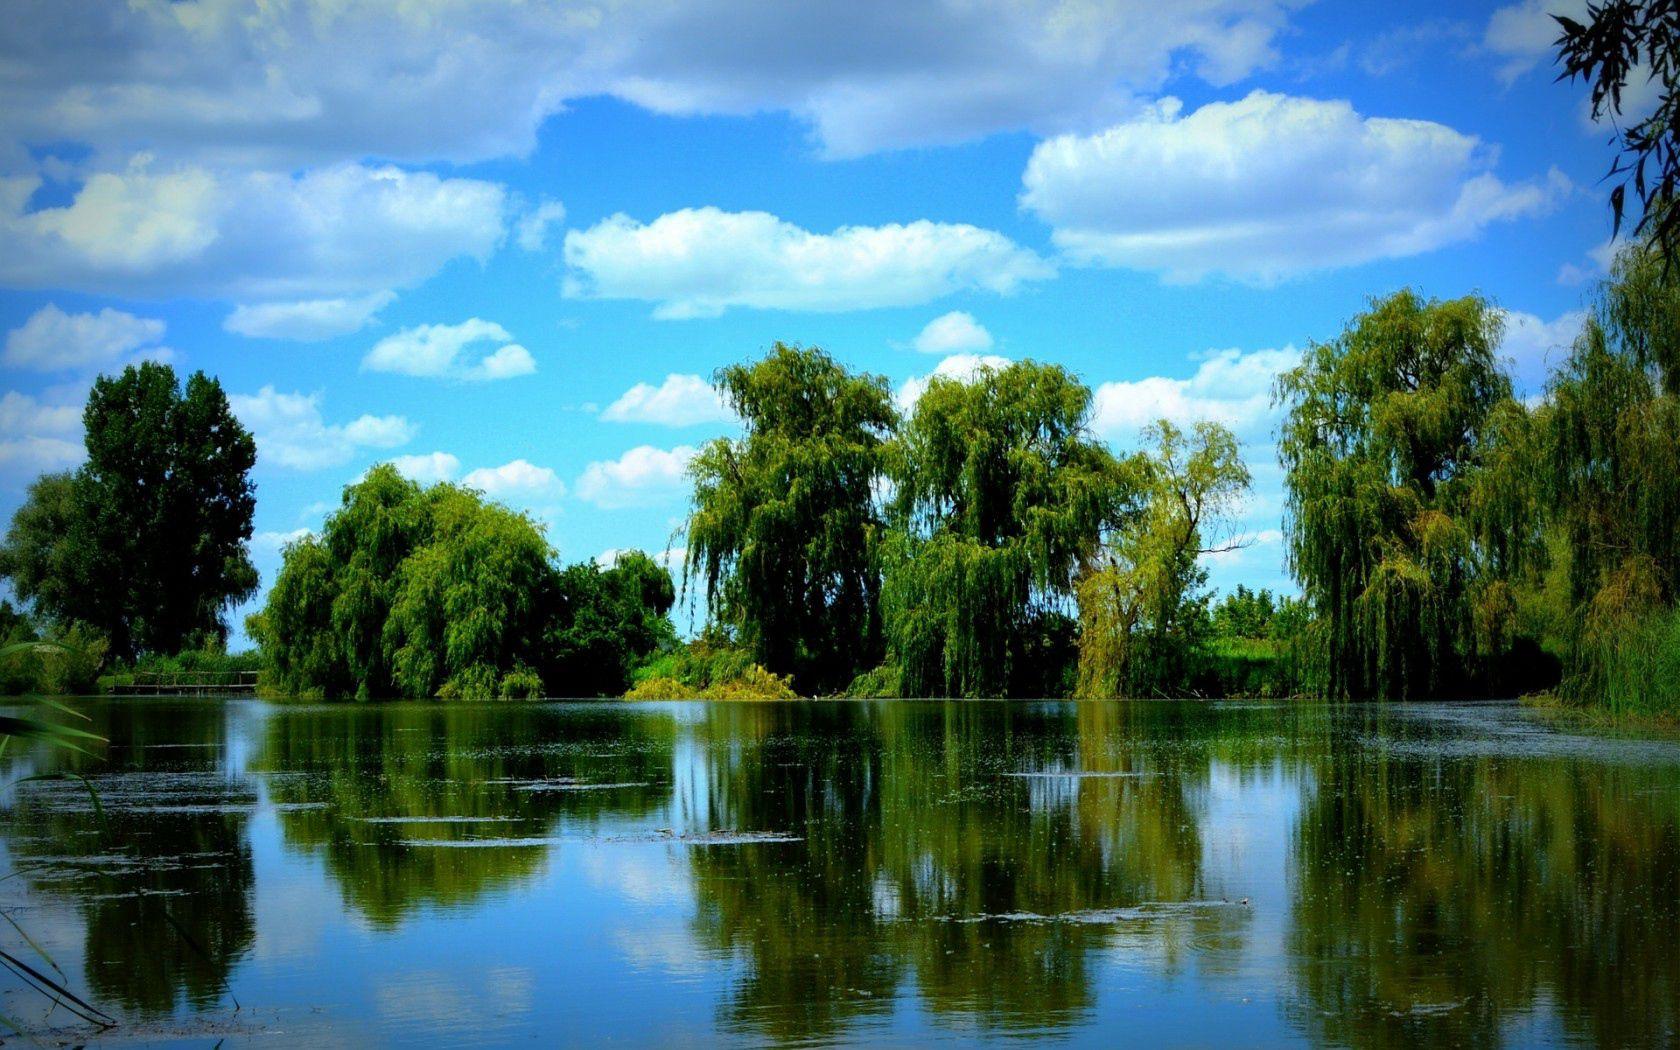 59671 скачать обои Деревья, Лето, Пруд, Природа, Небо - заставки и картинки бесплатно